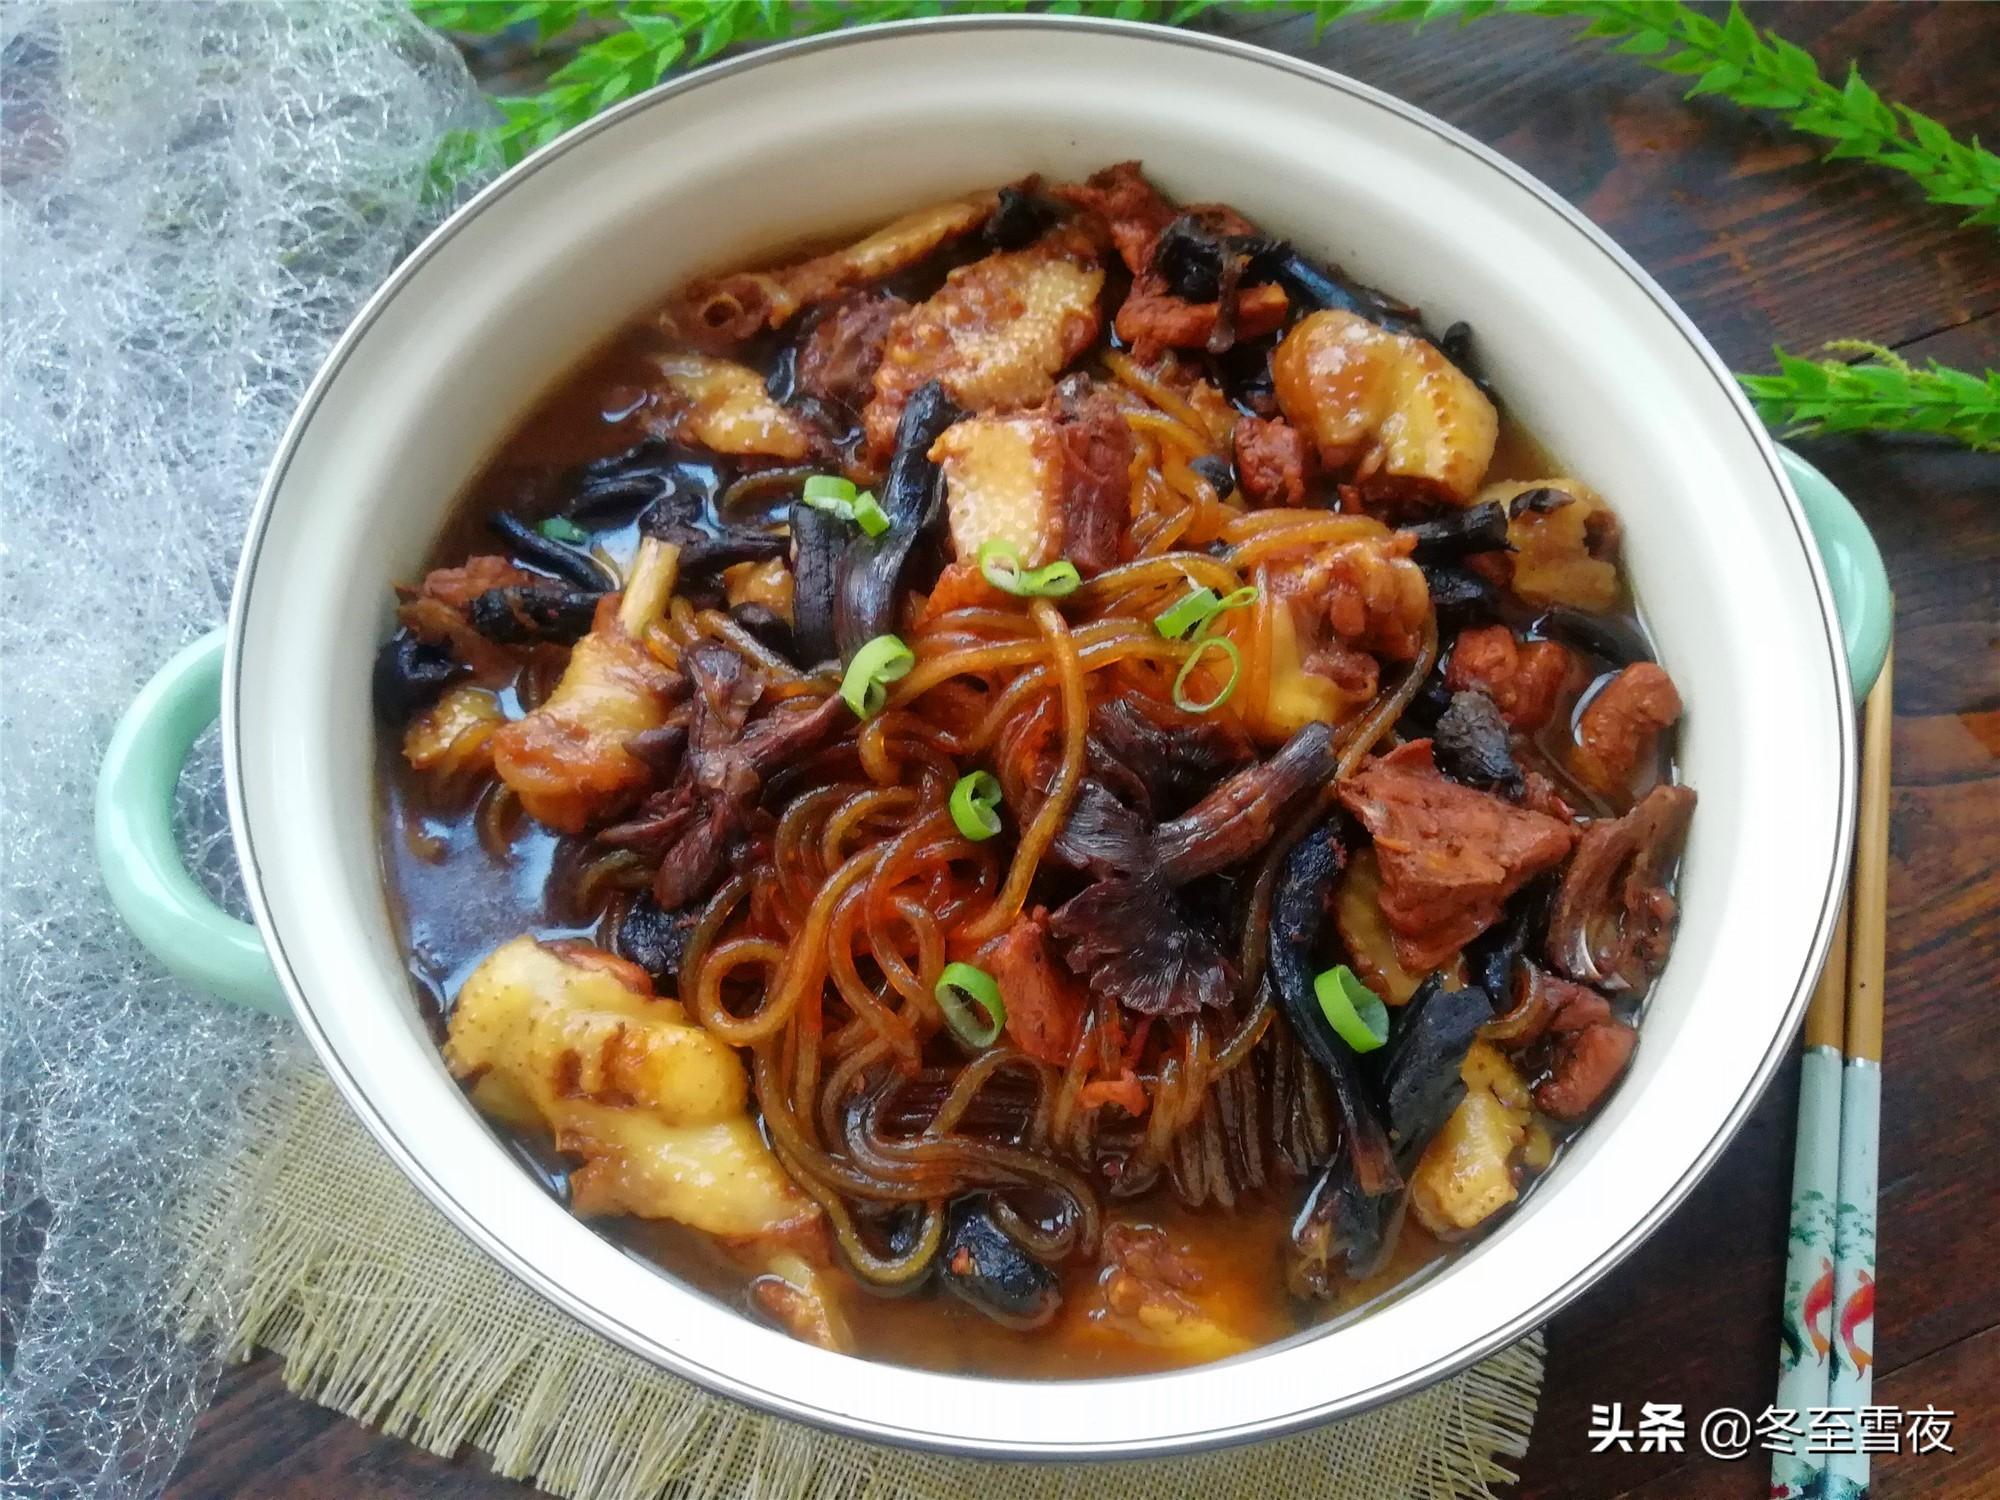 2021年夜饭菜单,东北传统风味的16个菜,都是下酒下饭硬菜 东北菜谱 第1张